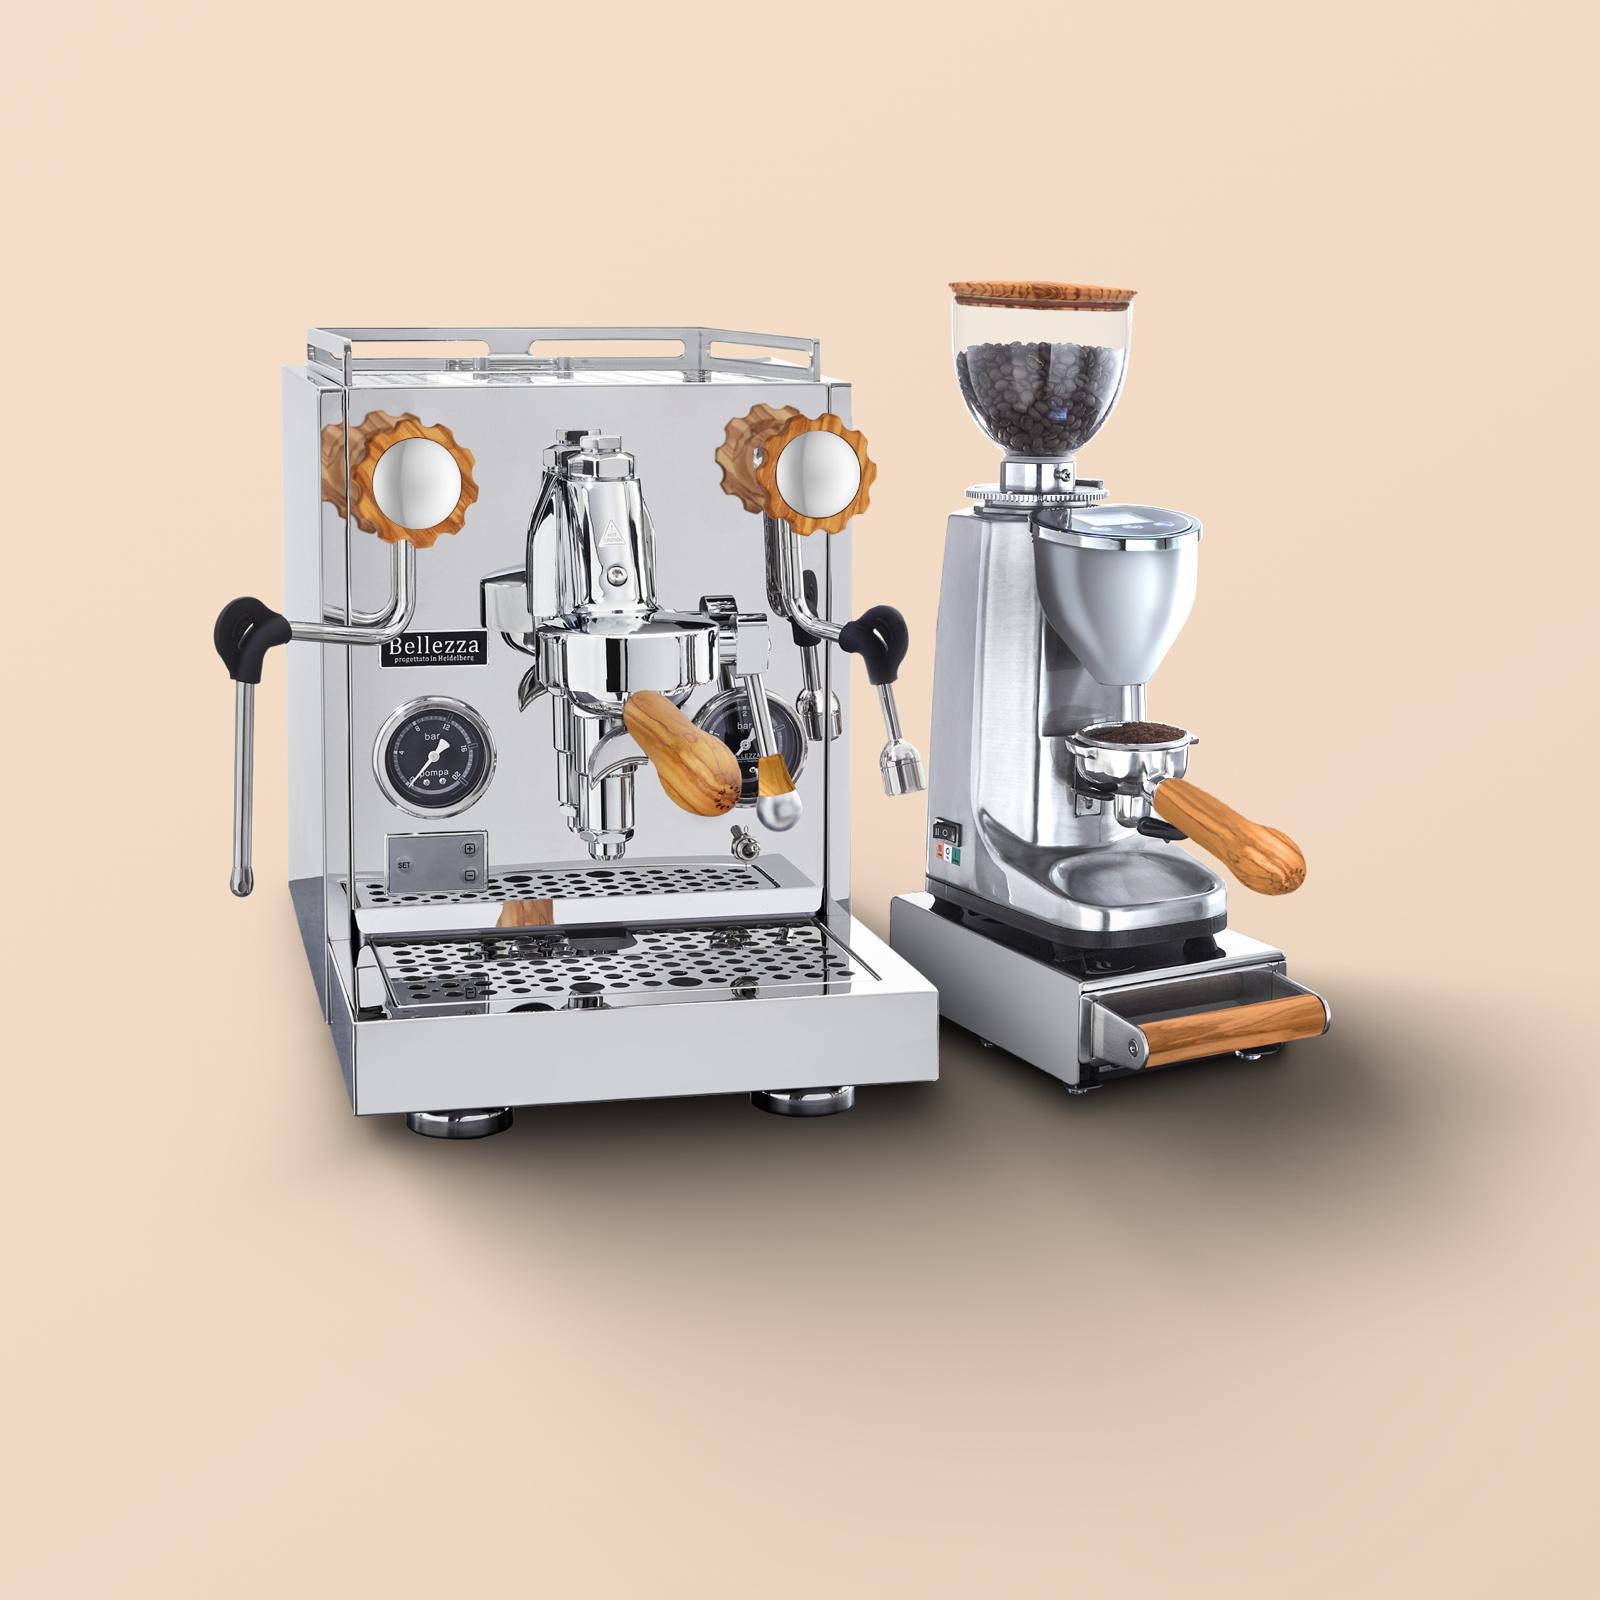 Bellezza-Espressomaschine-und-Mühle